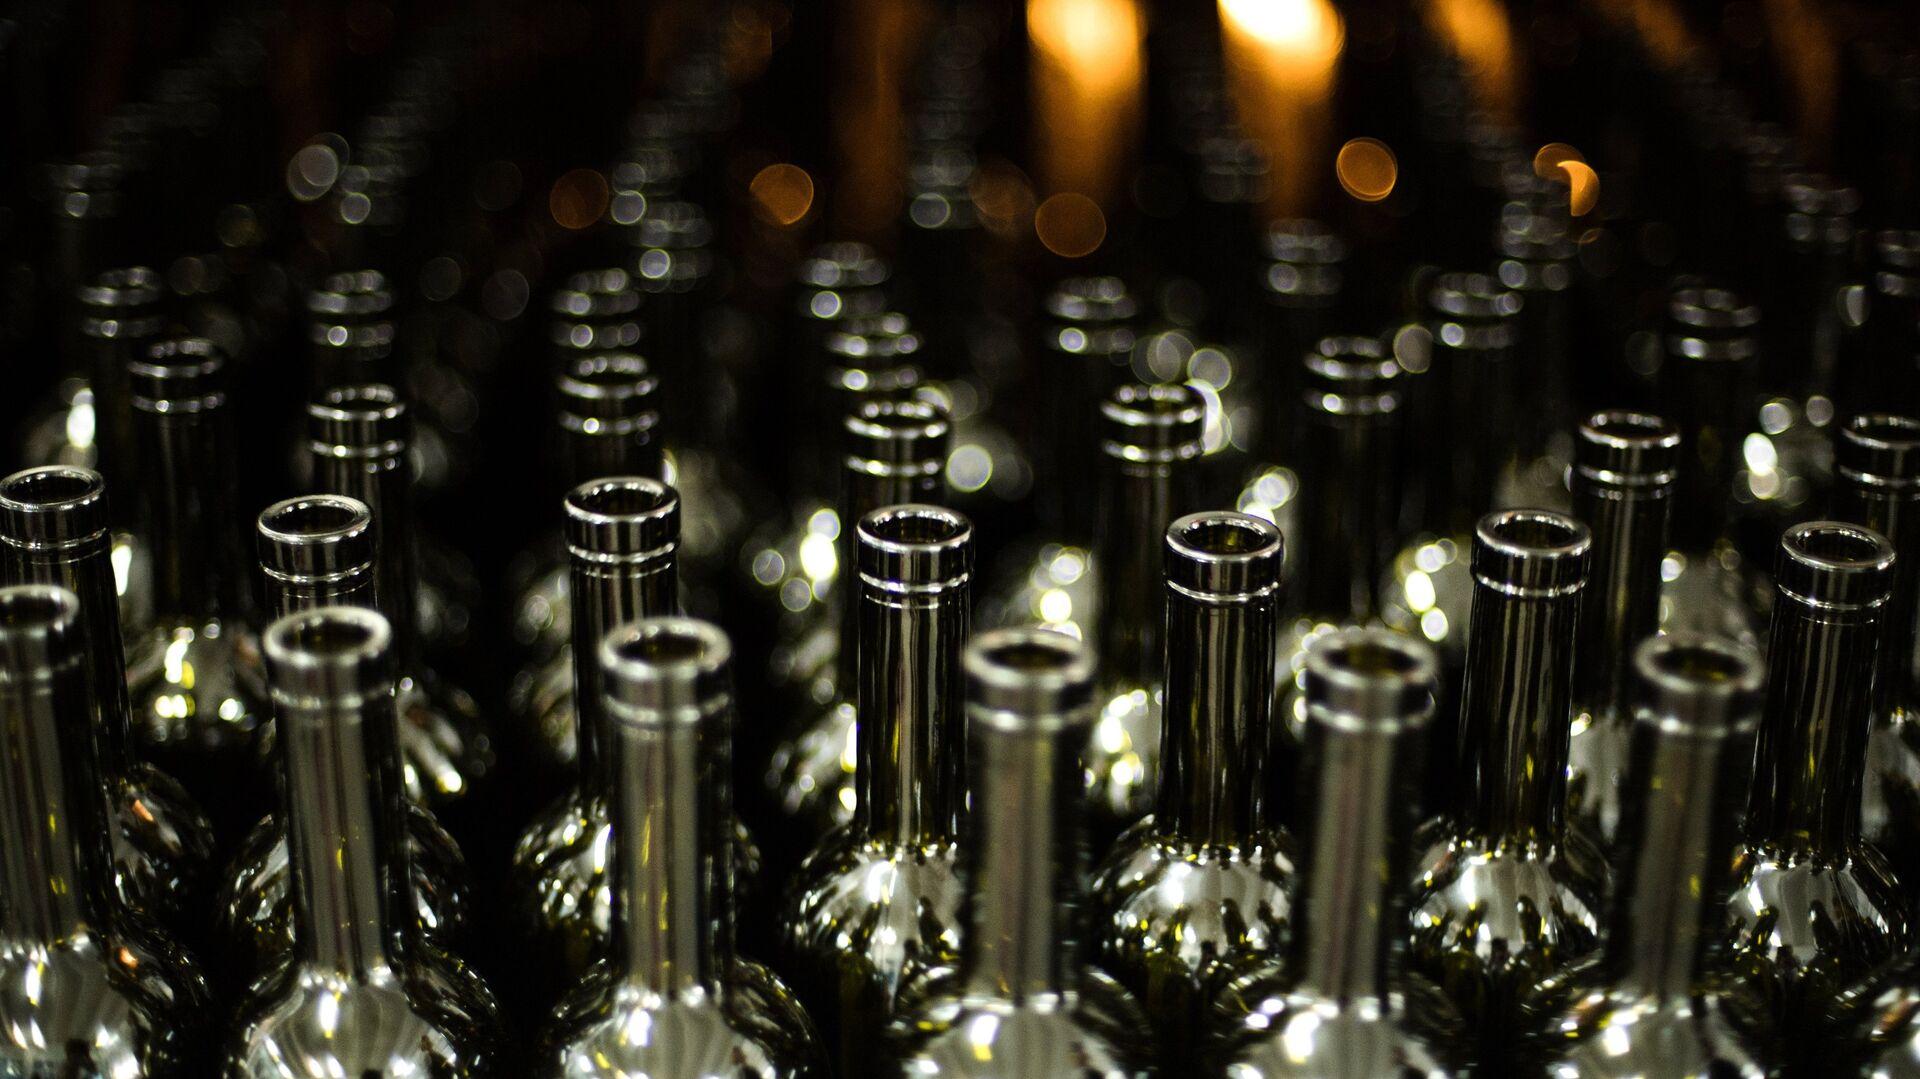 Участок упаковки пустой стеклотары винодельческого завода в Крыму - РИА Новости, 1920, 15.09.2021